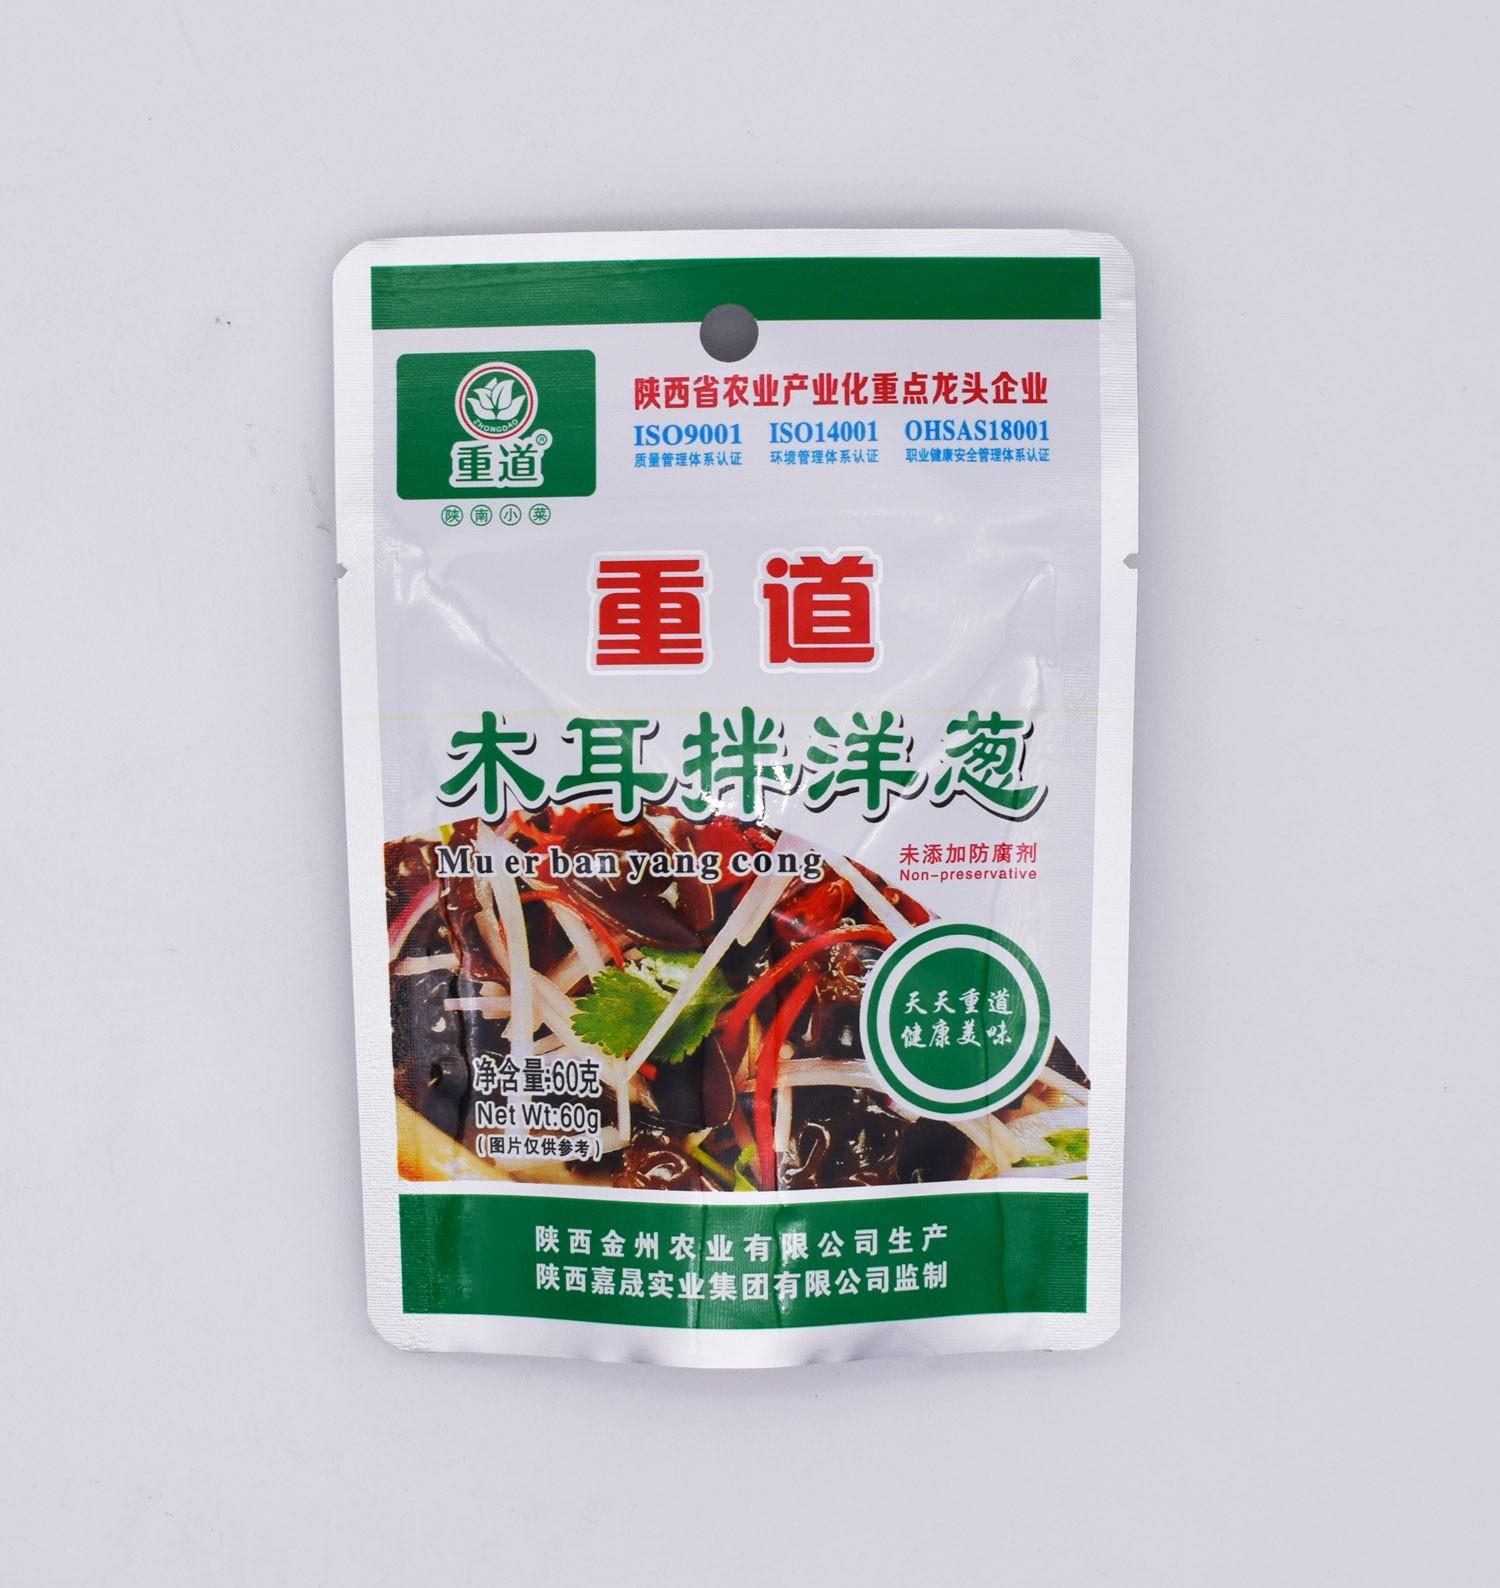 茶叶包装袋生产商_茶叶包装袋供应相关-陕西晋鹰新包装有限公司